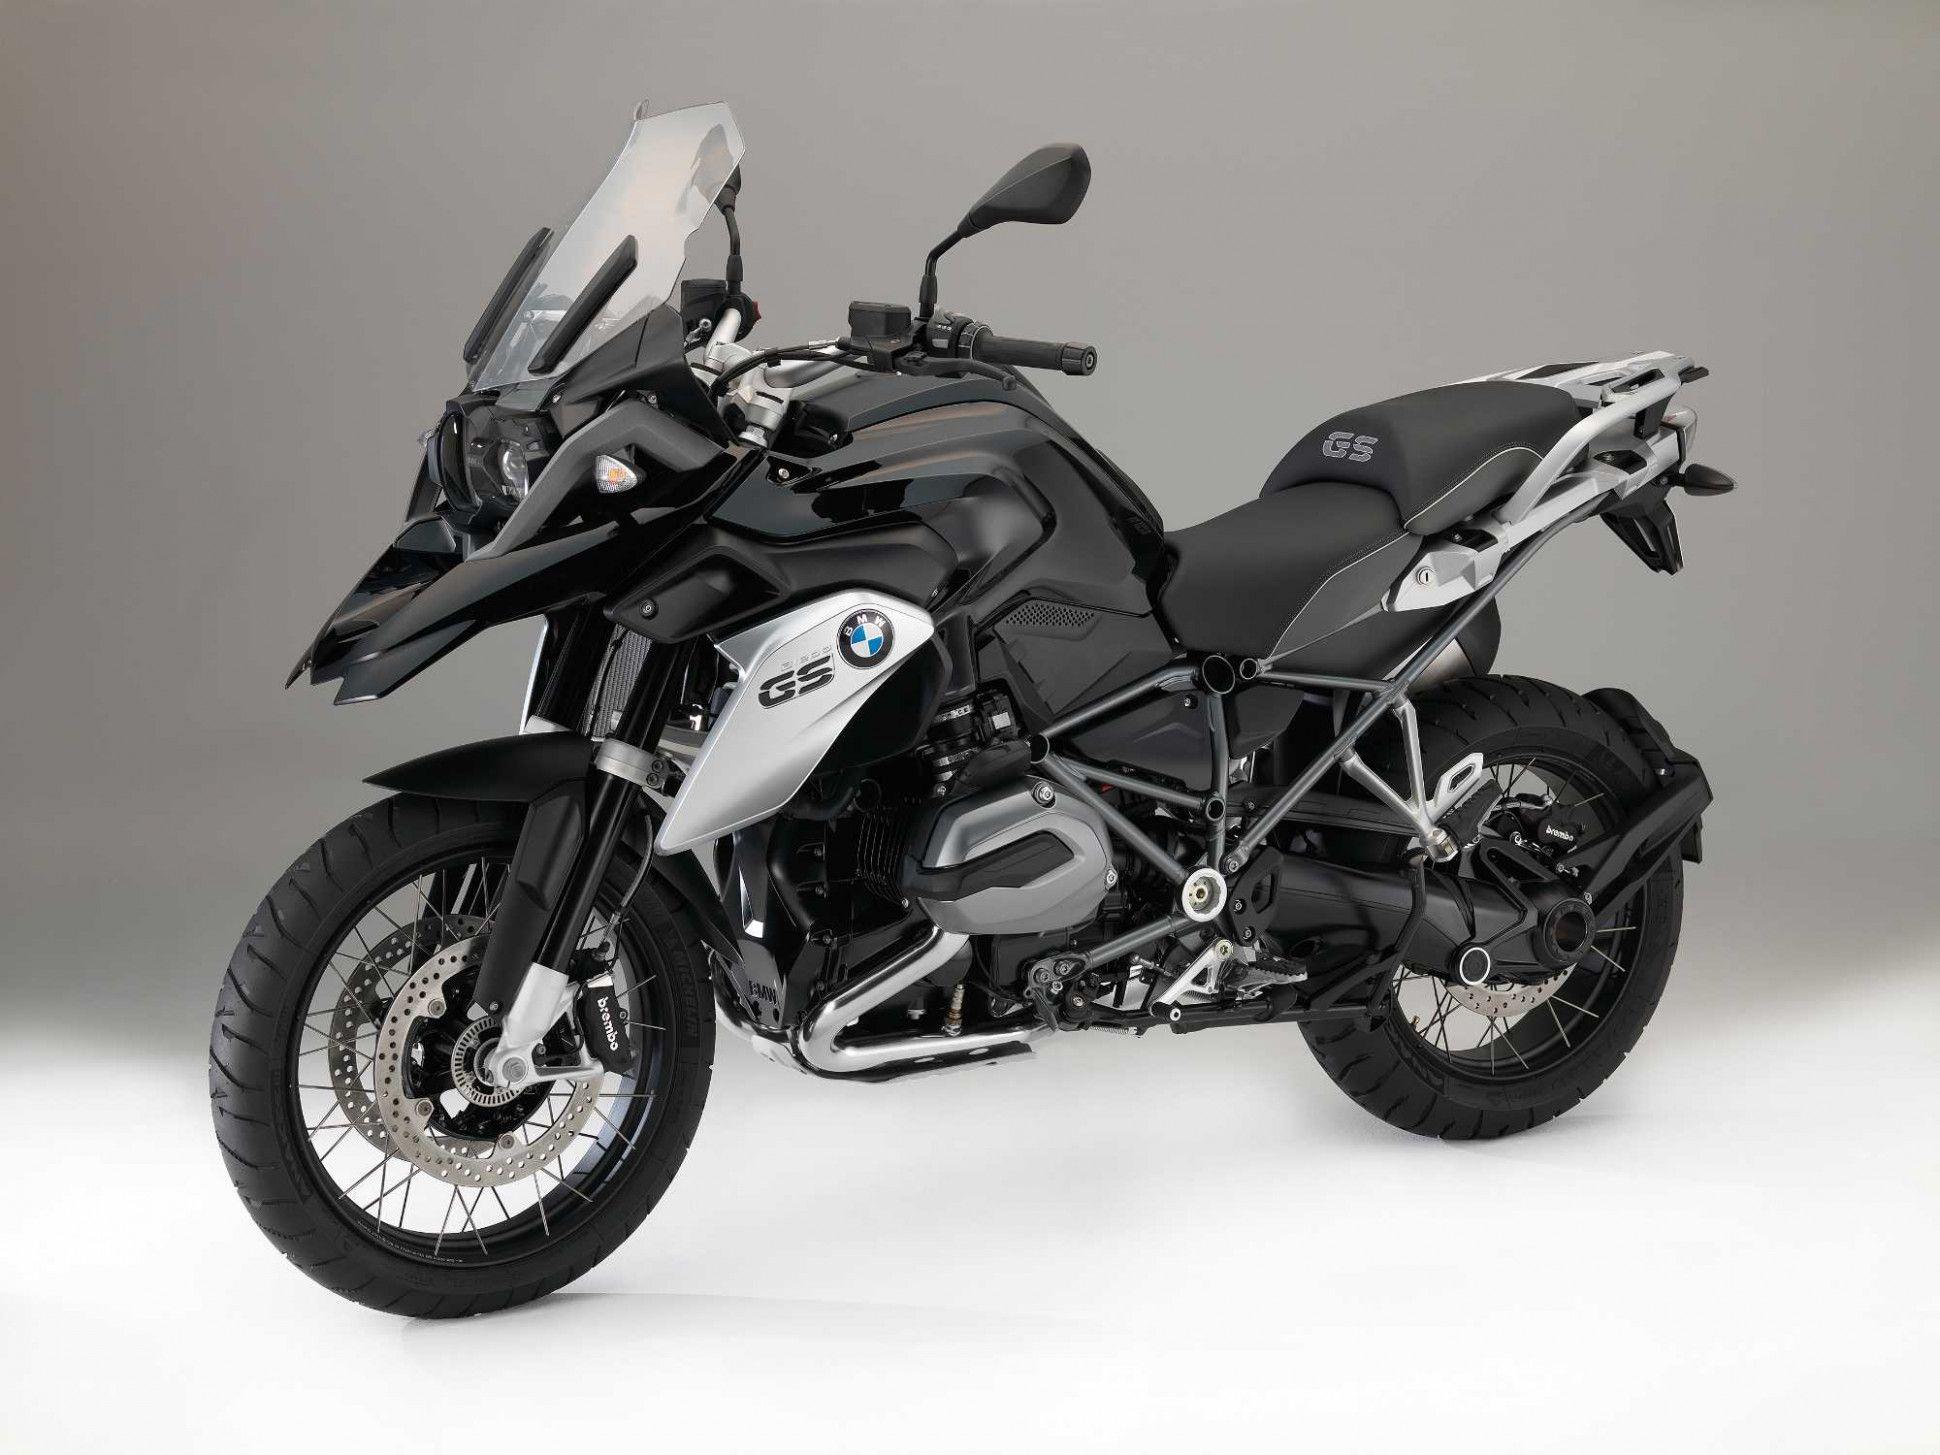 2020 Bmw Triple Black In 2020 Bmw Motorrad Bmw Motorbikes Bmw